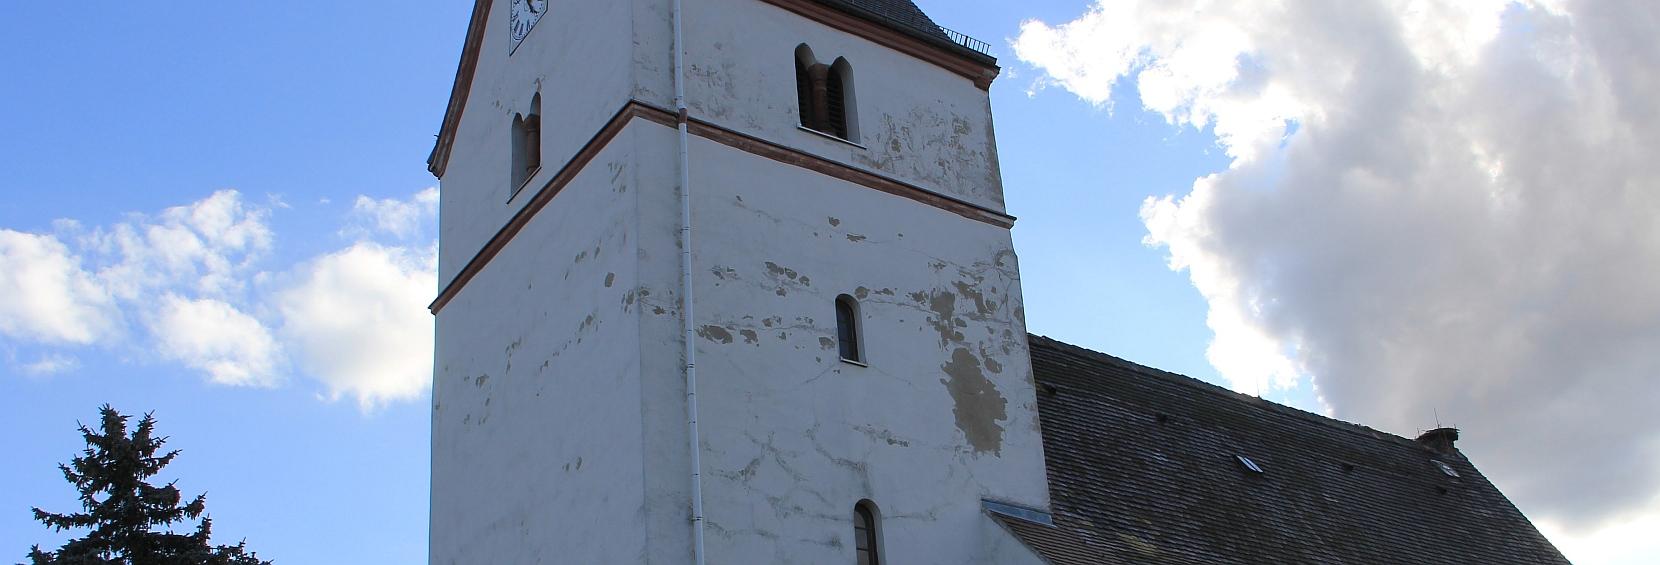 Kirche Grethen